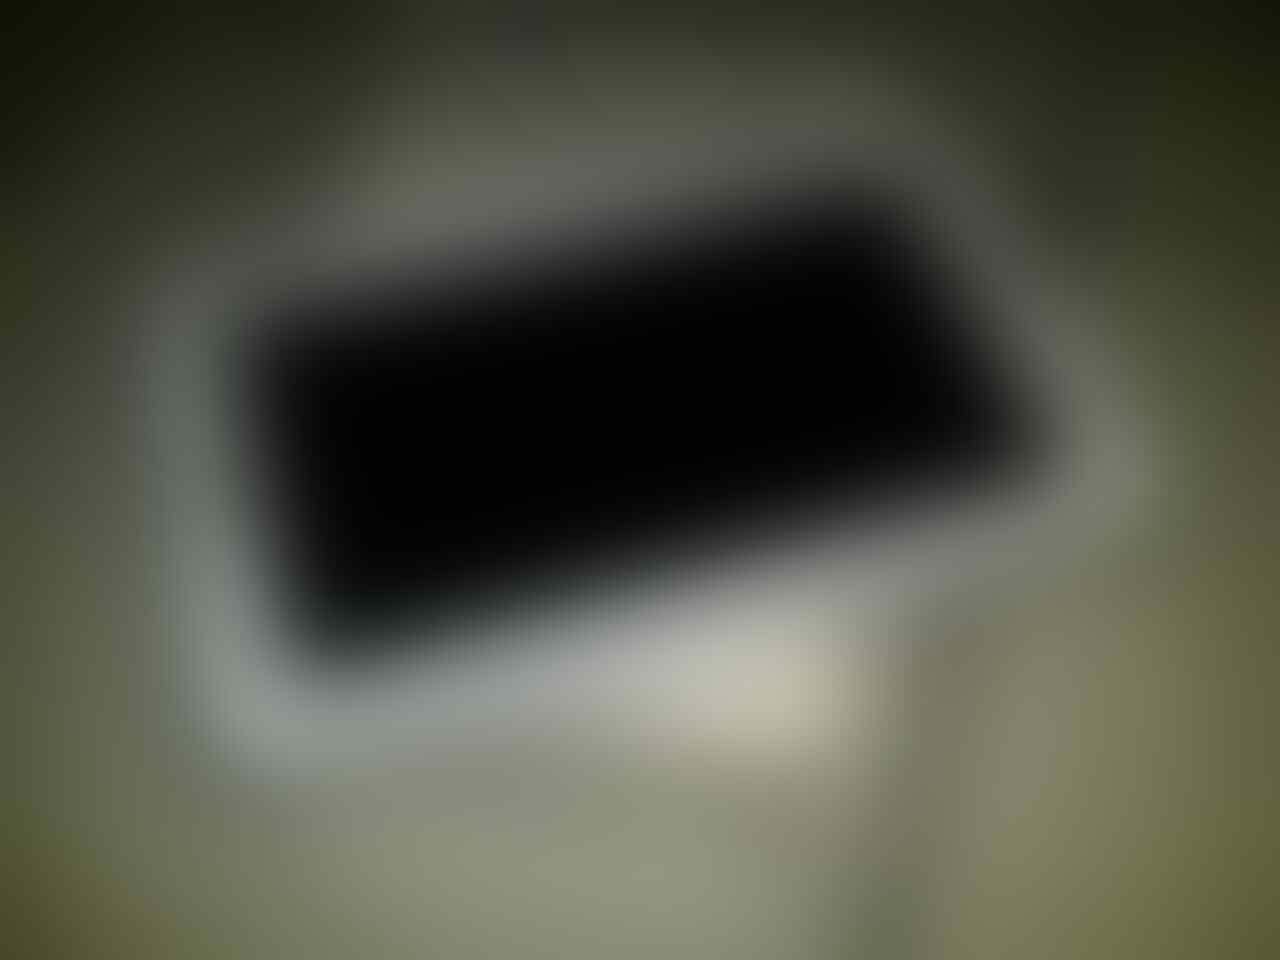 Samsung Galaxy Tab 2 7 P3100 white fullset 16GB (Garansi)